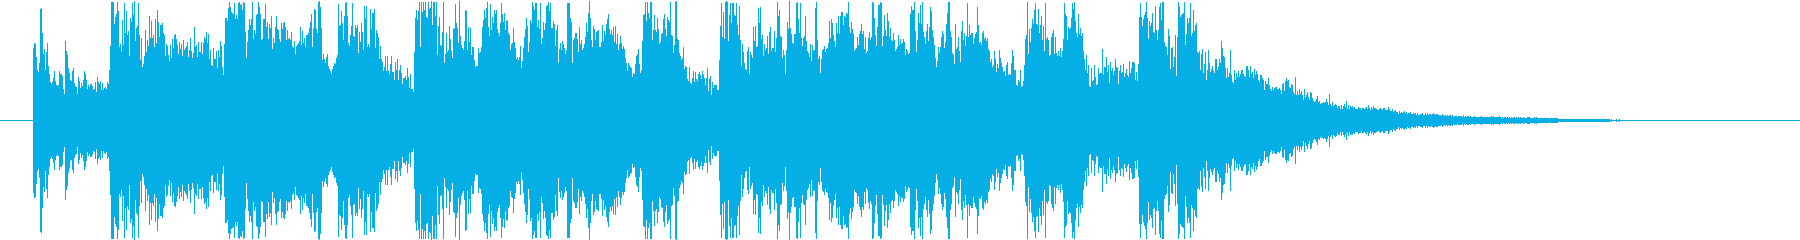 ゲームクリアファンファーレ・オーケストラの再生済みの波形